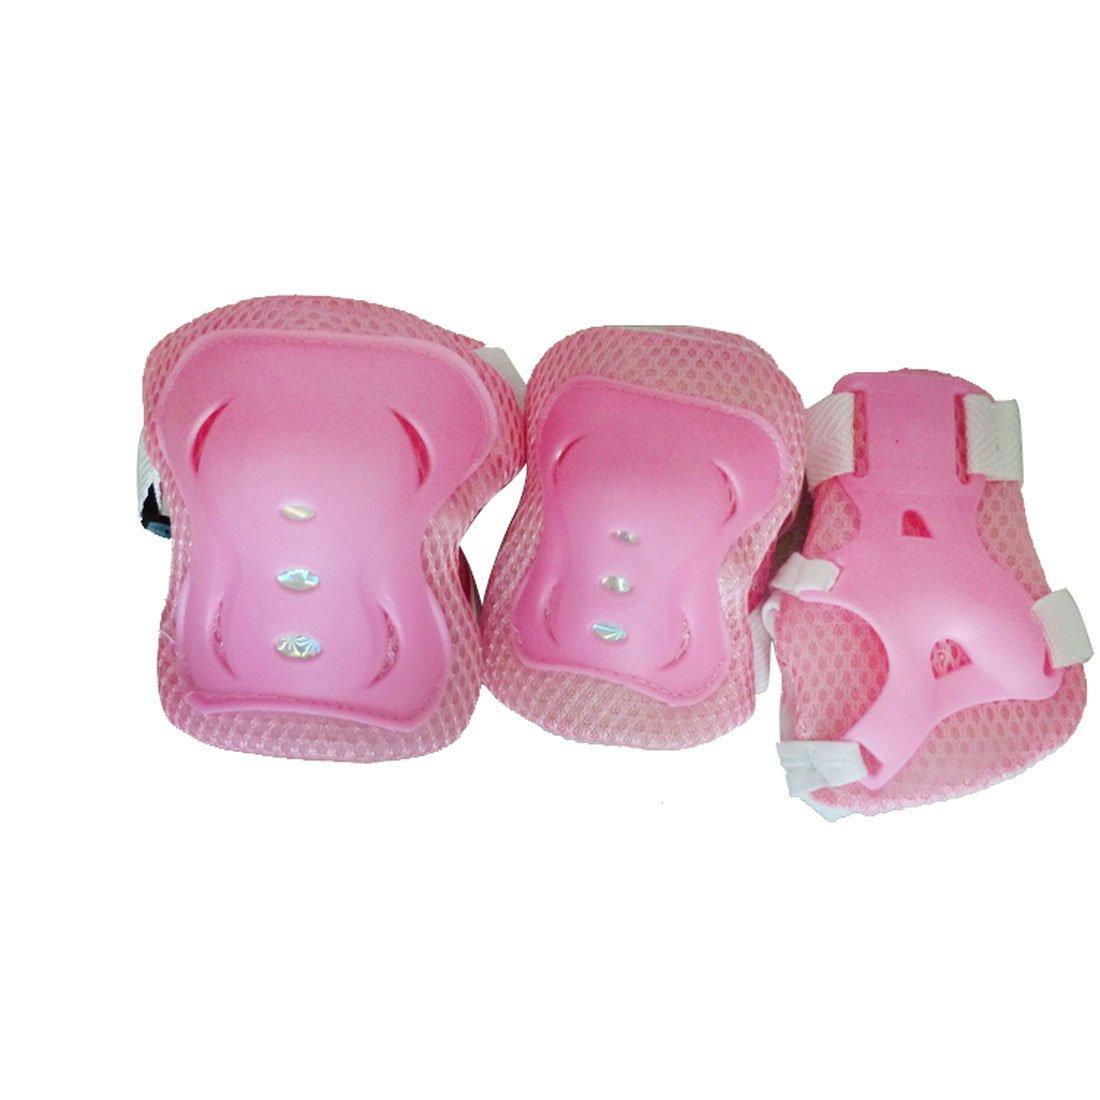 Amazon.com : eDealMax ciclo del patinaje sobre ruedas de plástico rodilla de la muñeca del codo almohadillas protectoras apoyo de la ayuda 6 en 1 Set Rosa ...